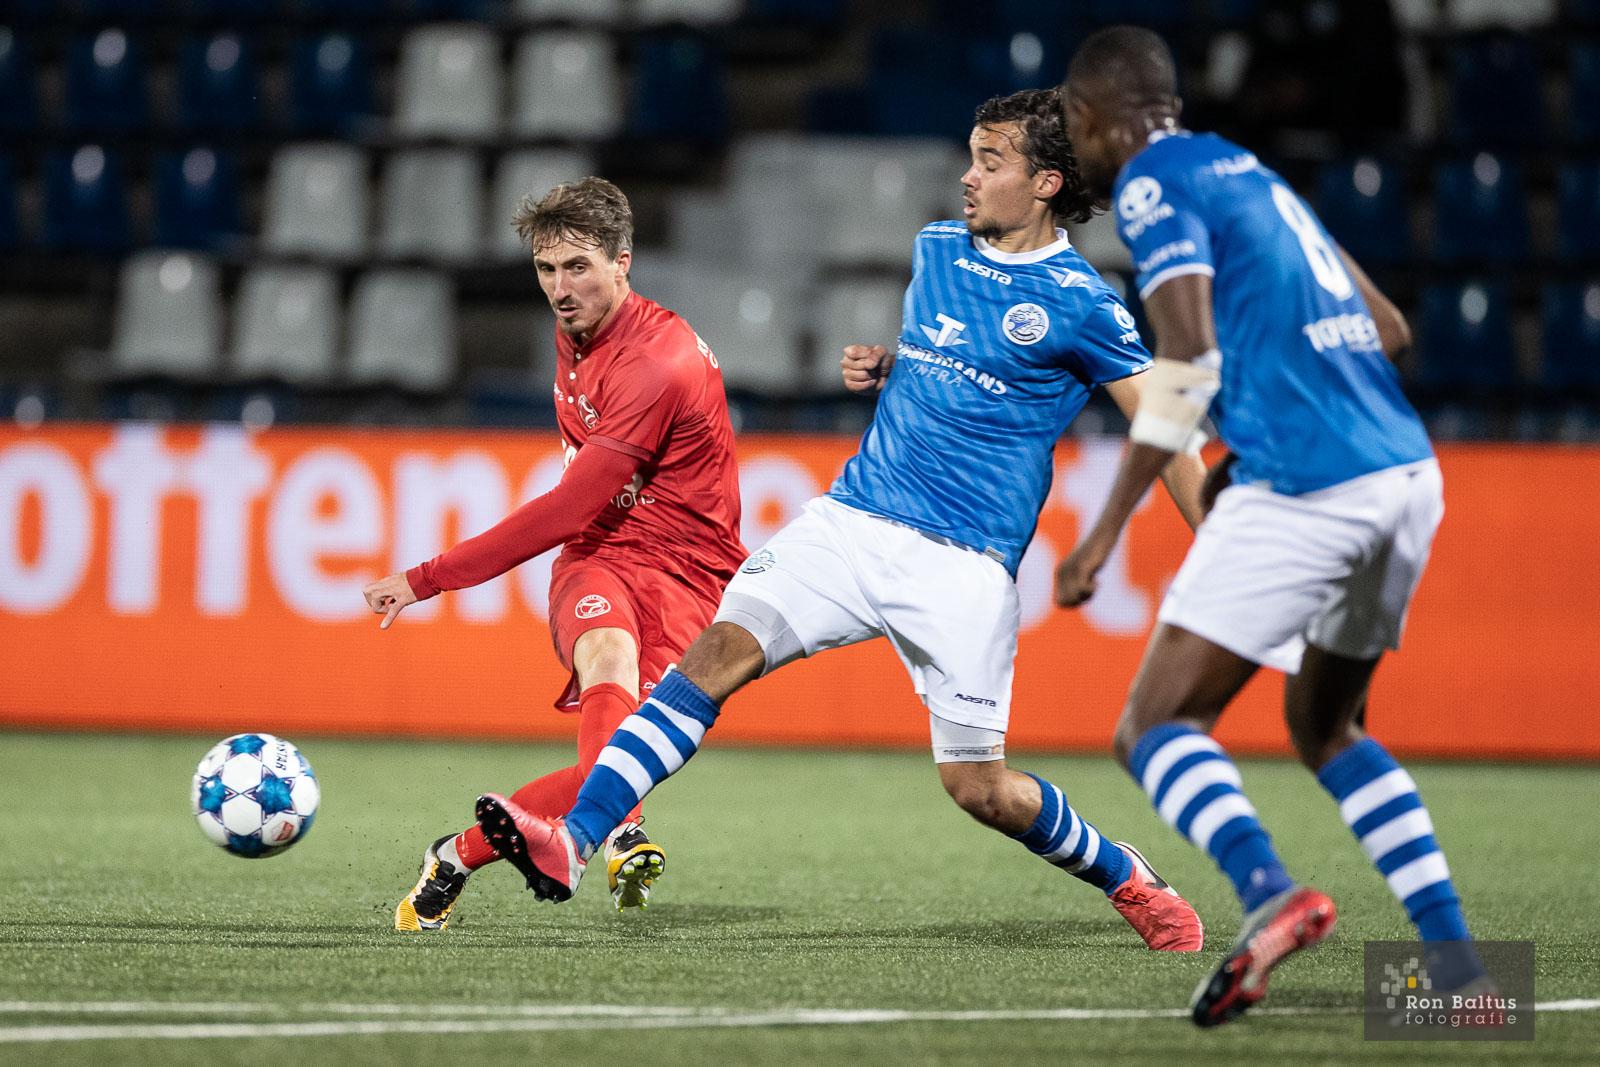 Tim Receveur en Agil Etemadi voor 2 seizoenen langer in Almere